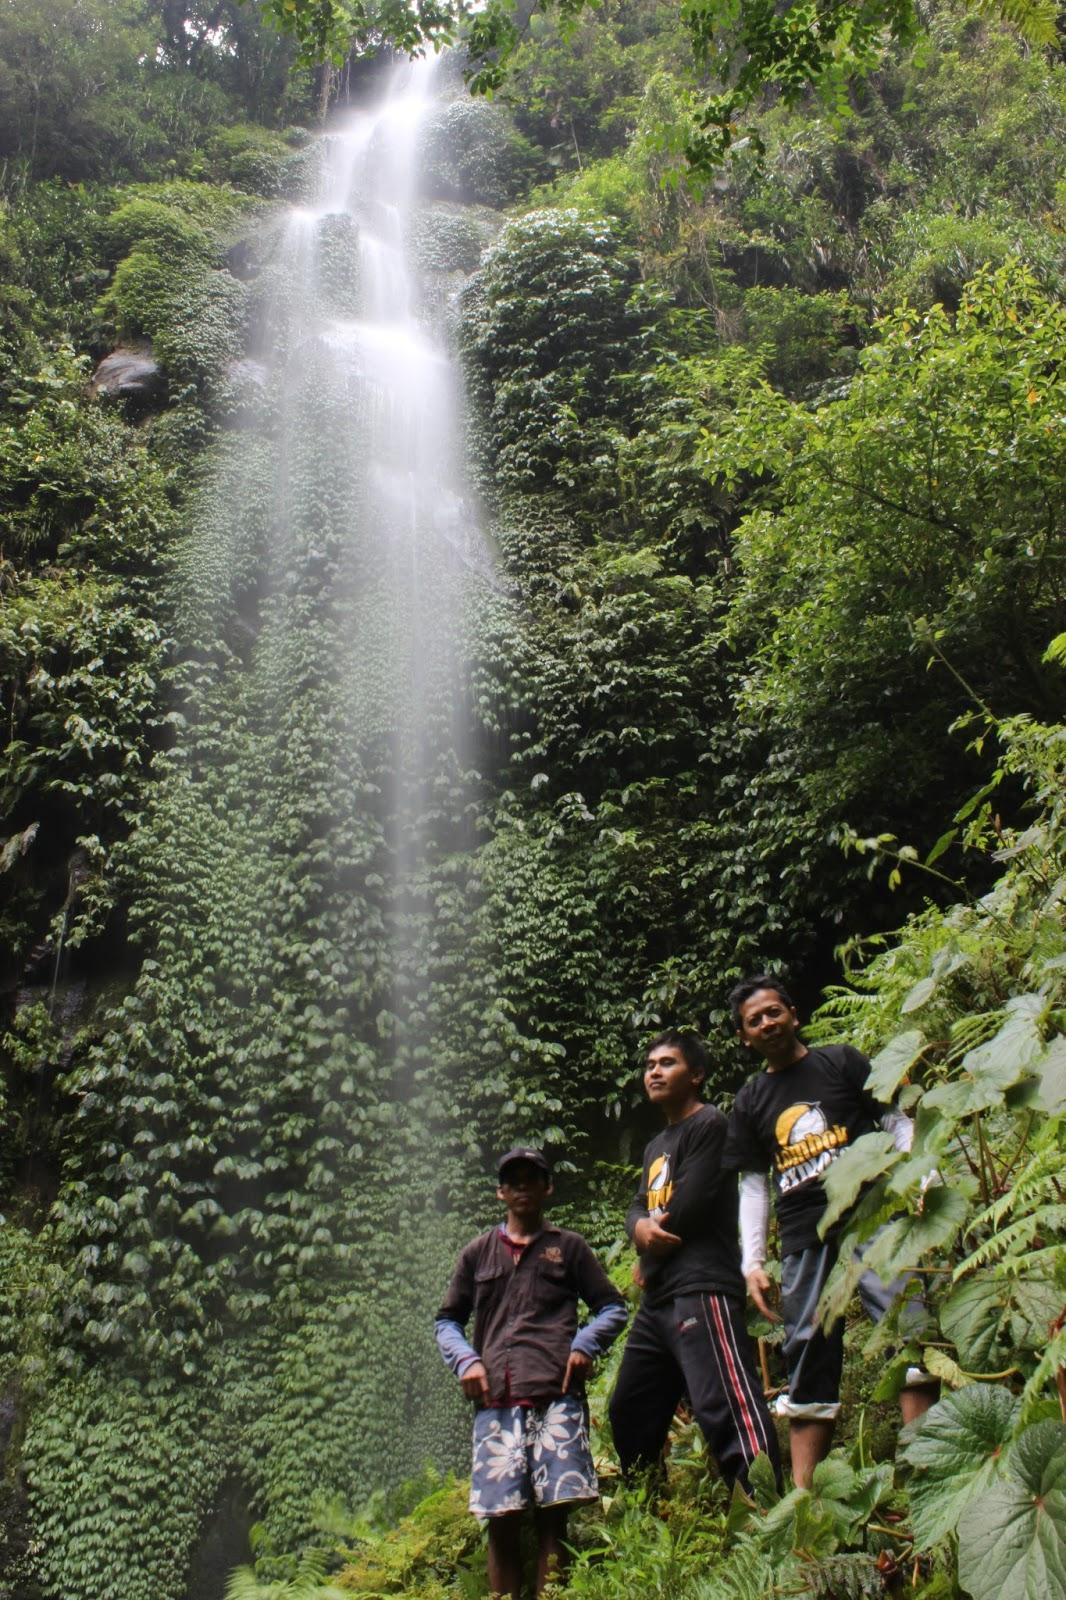 Air Terjun Menanga Lebari Gaib Rongkas Wisata Berlokasi Desa Santong